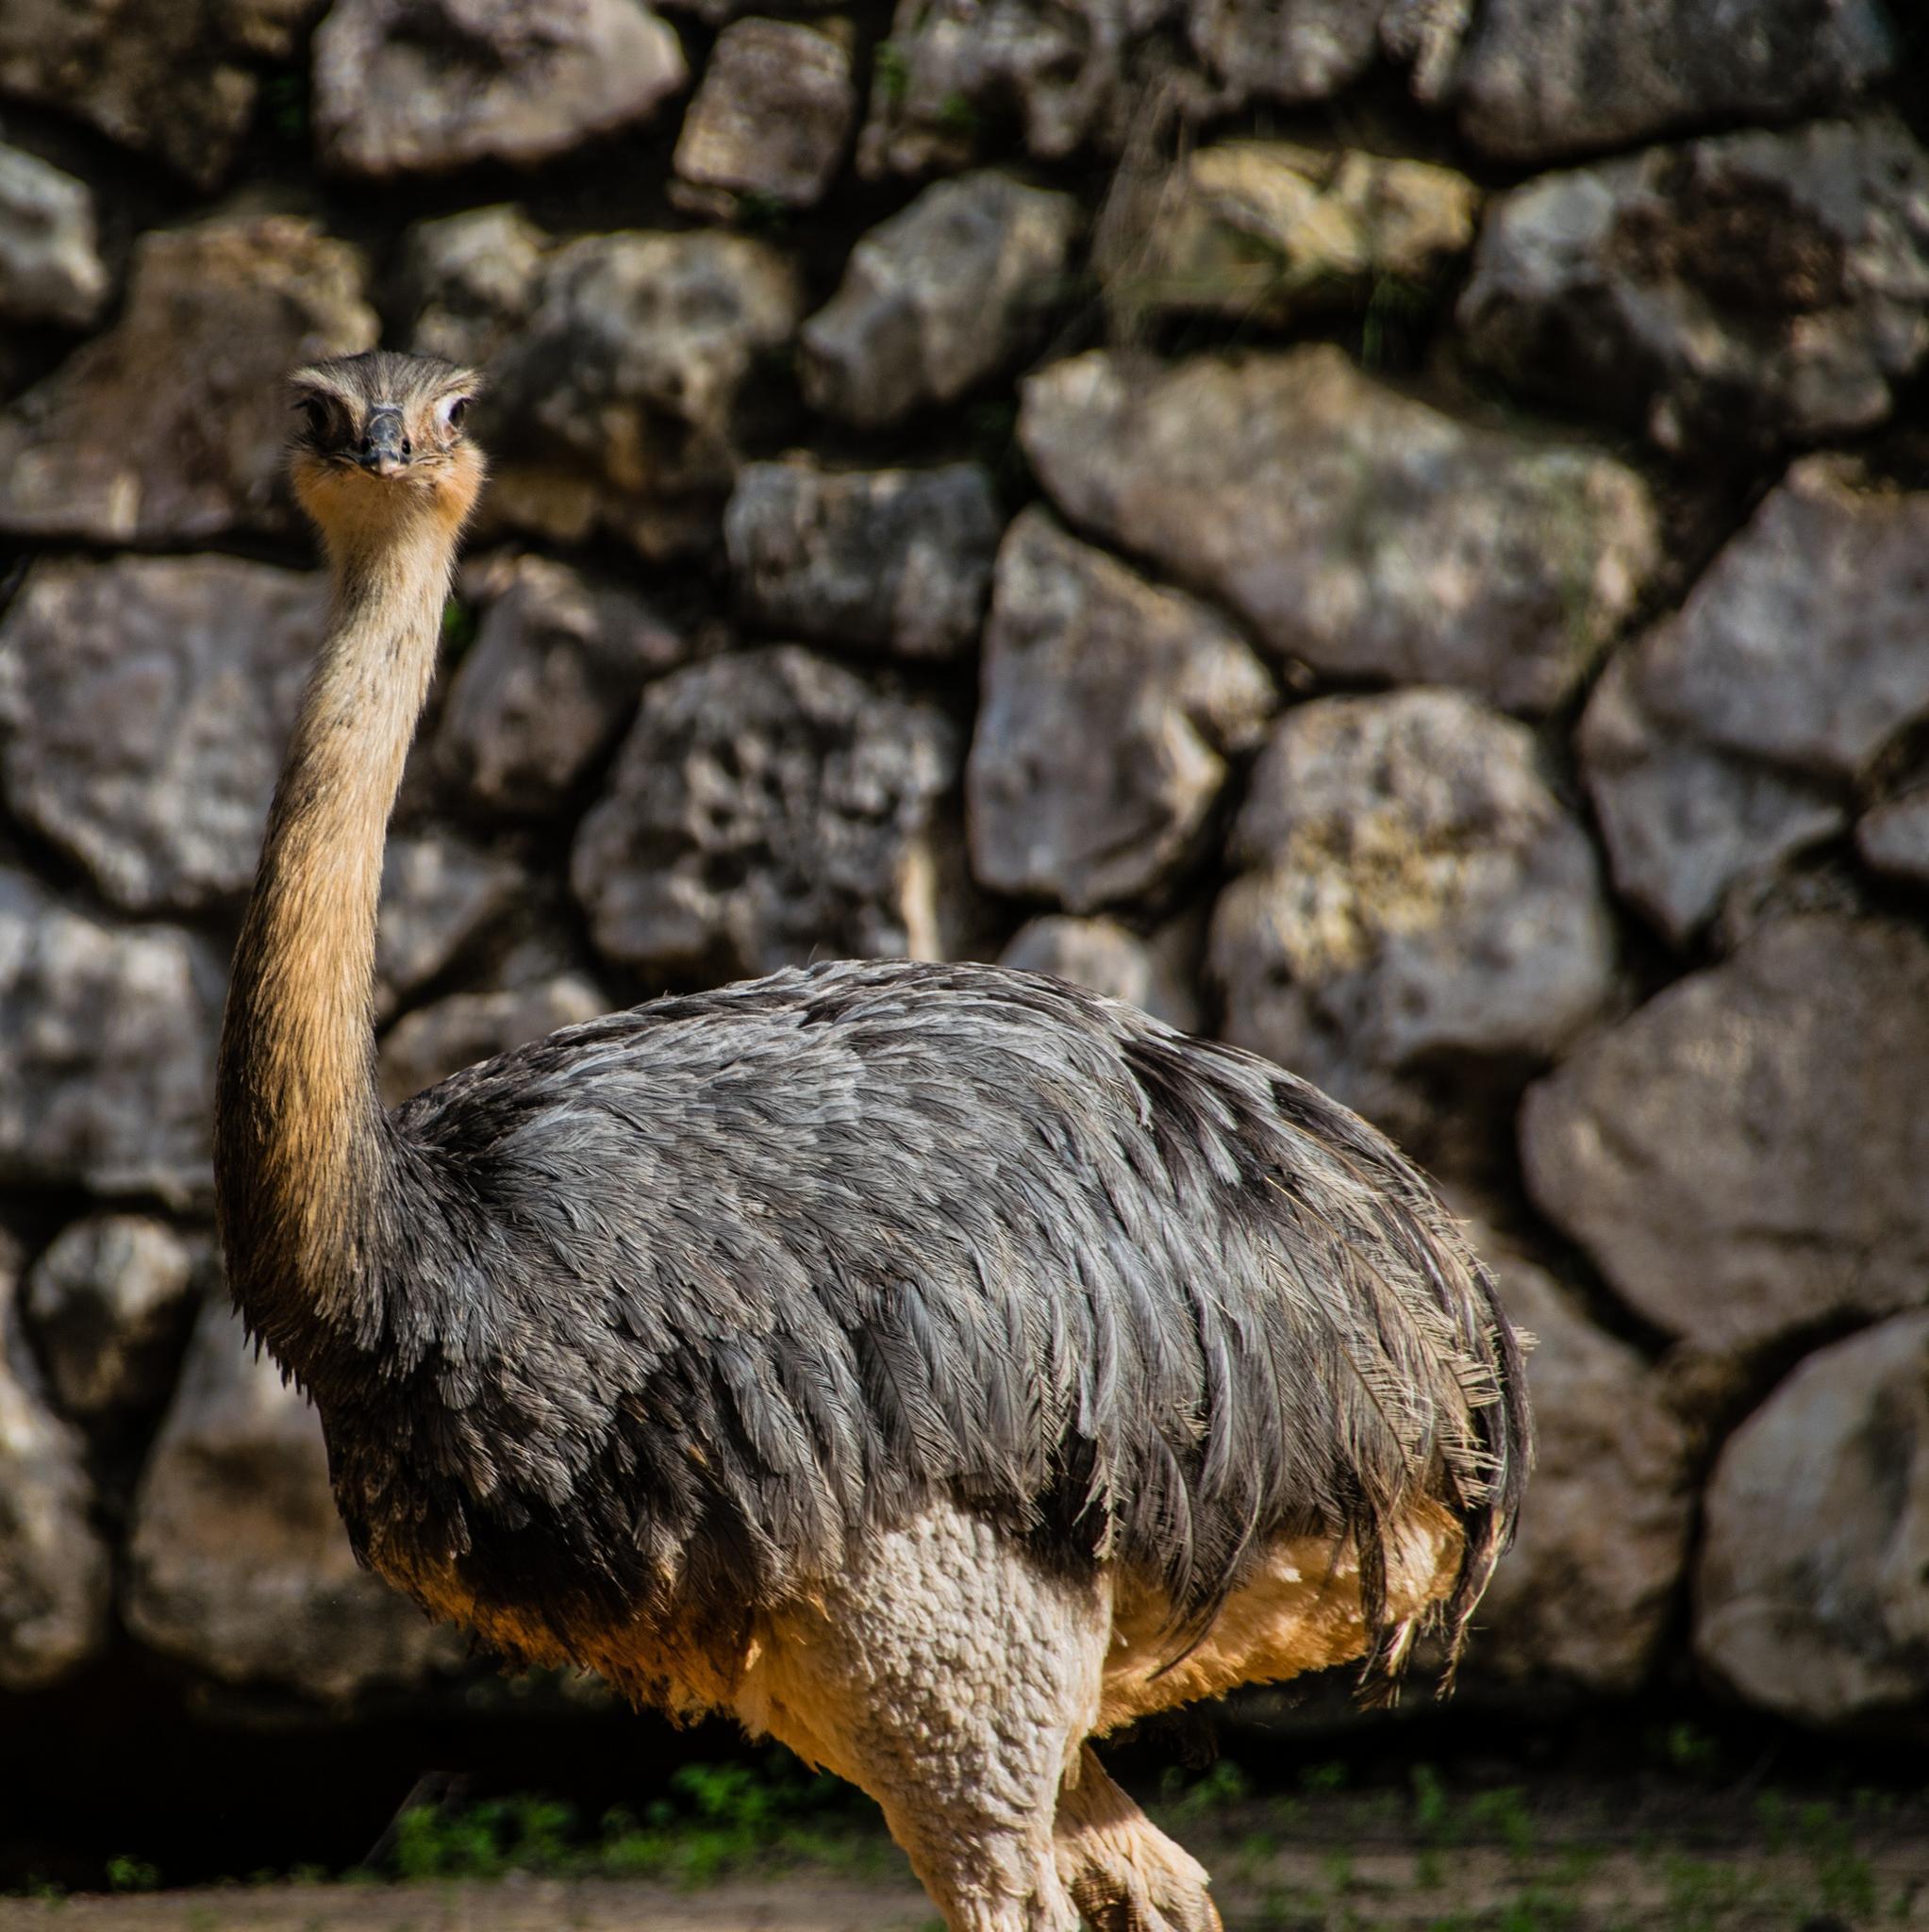 Masquerading Ostrich by Ilia Lotosh